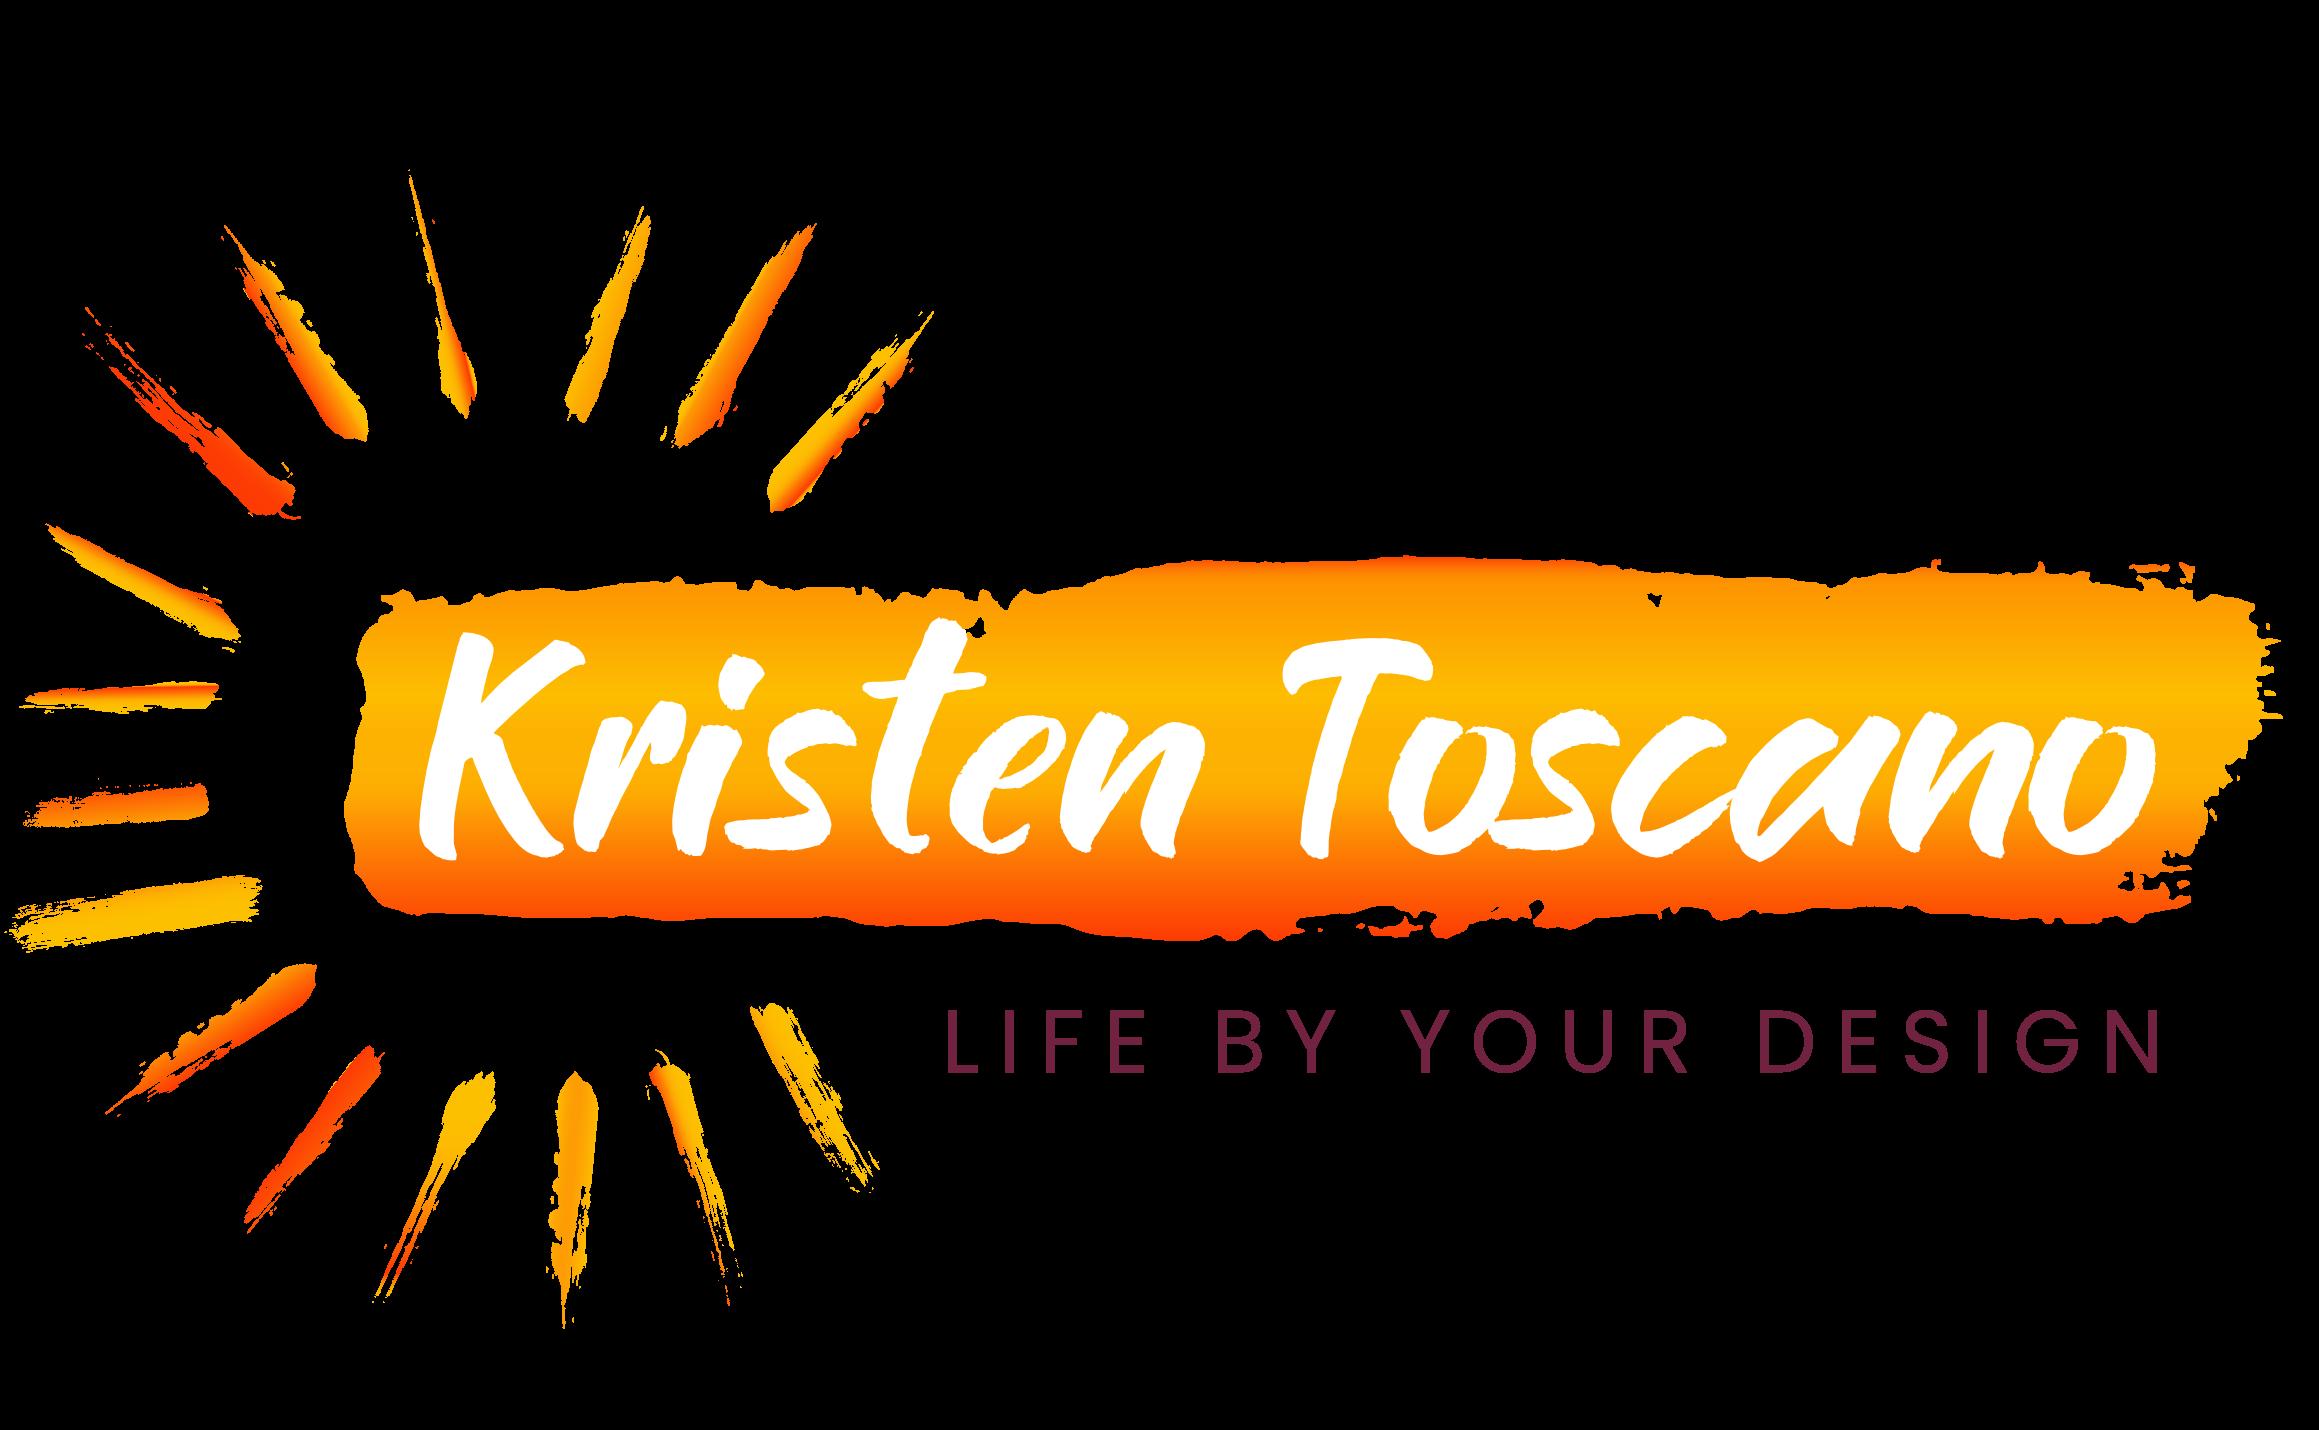 Kristen Toscano